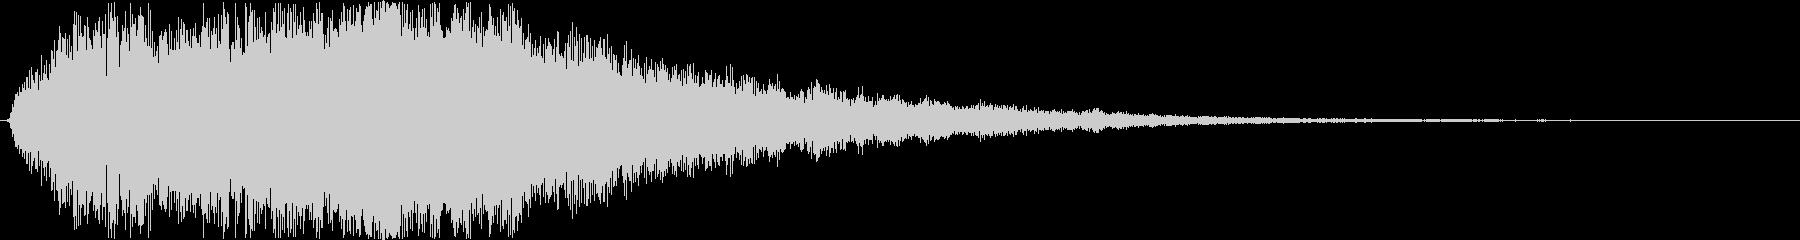 シンプルなファンタスティックOPジングルの未再生の波形